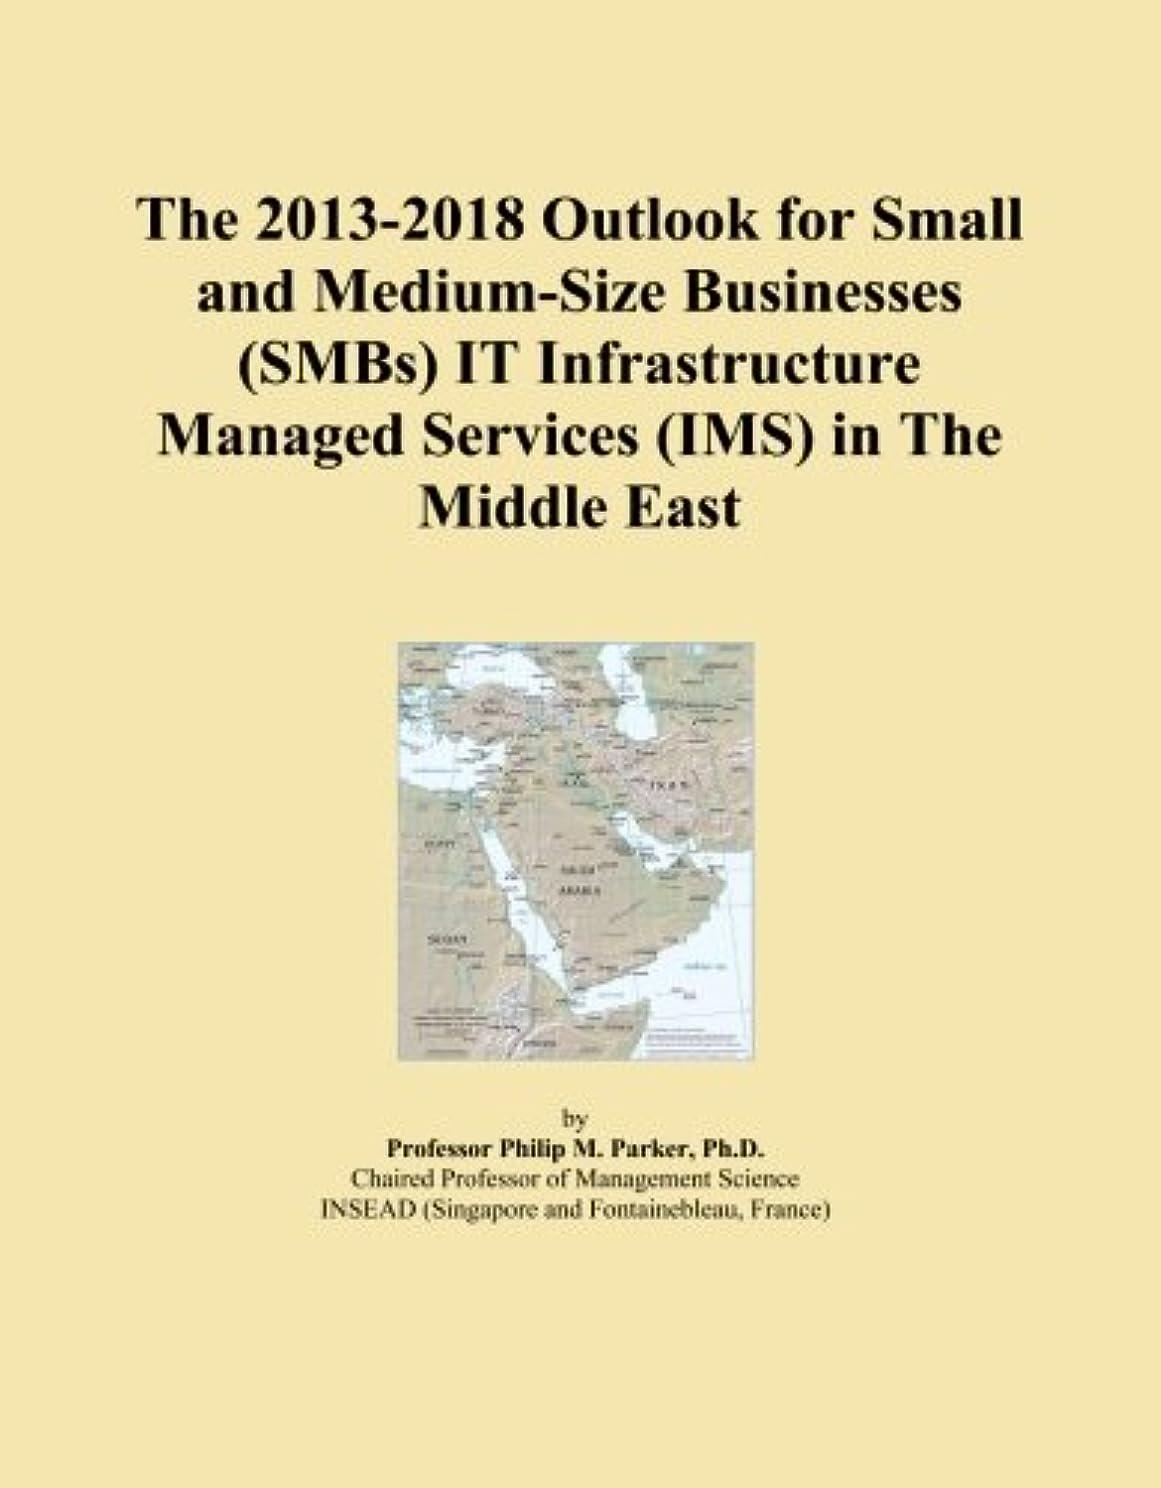 滴下コントラスト錫The 2013-2018 Outlook for Small and Medium-Size Businesses (SMBs) IT Infrastructure Managed Services (IMS) in The Middle East